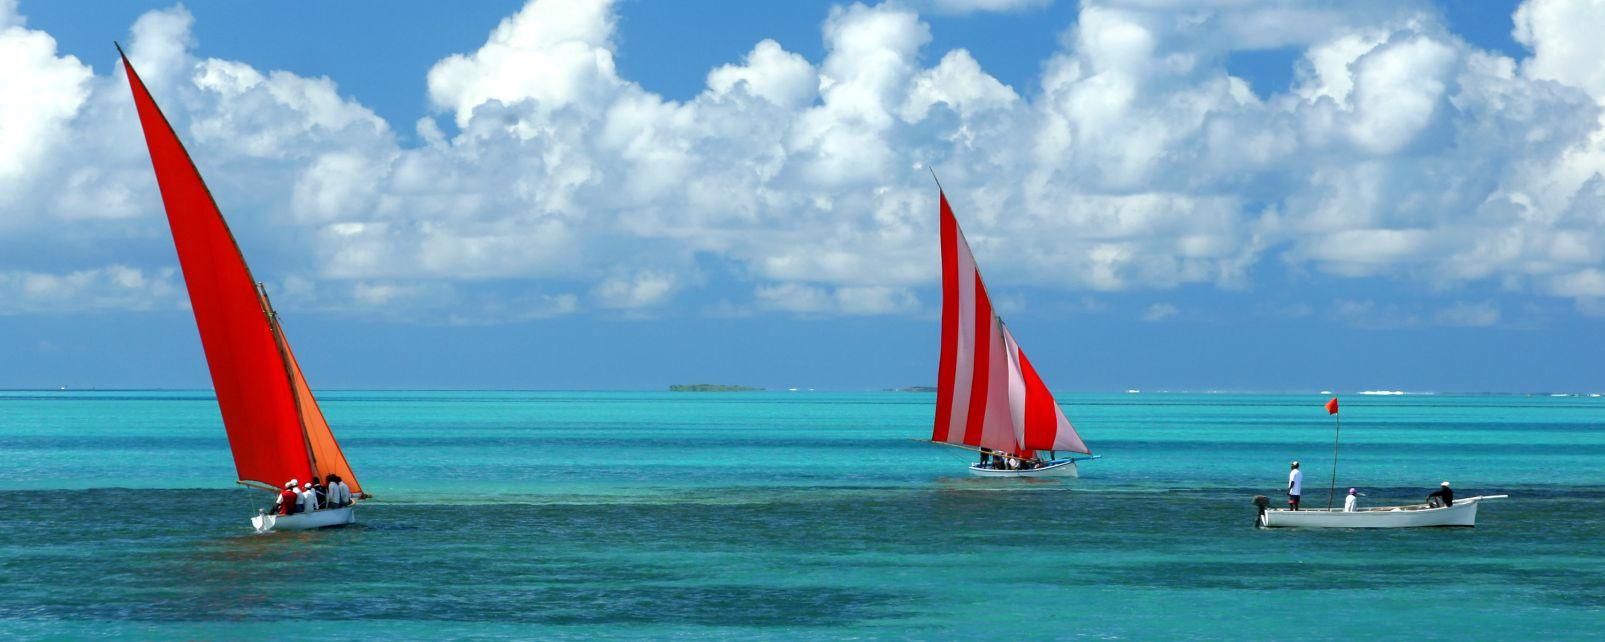 Les activités et les loisirs, île, île, maurice, océan indien, afrique, sport, nautique, voile, bateau